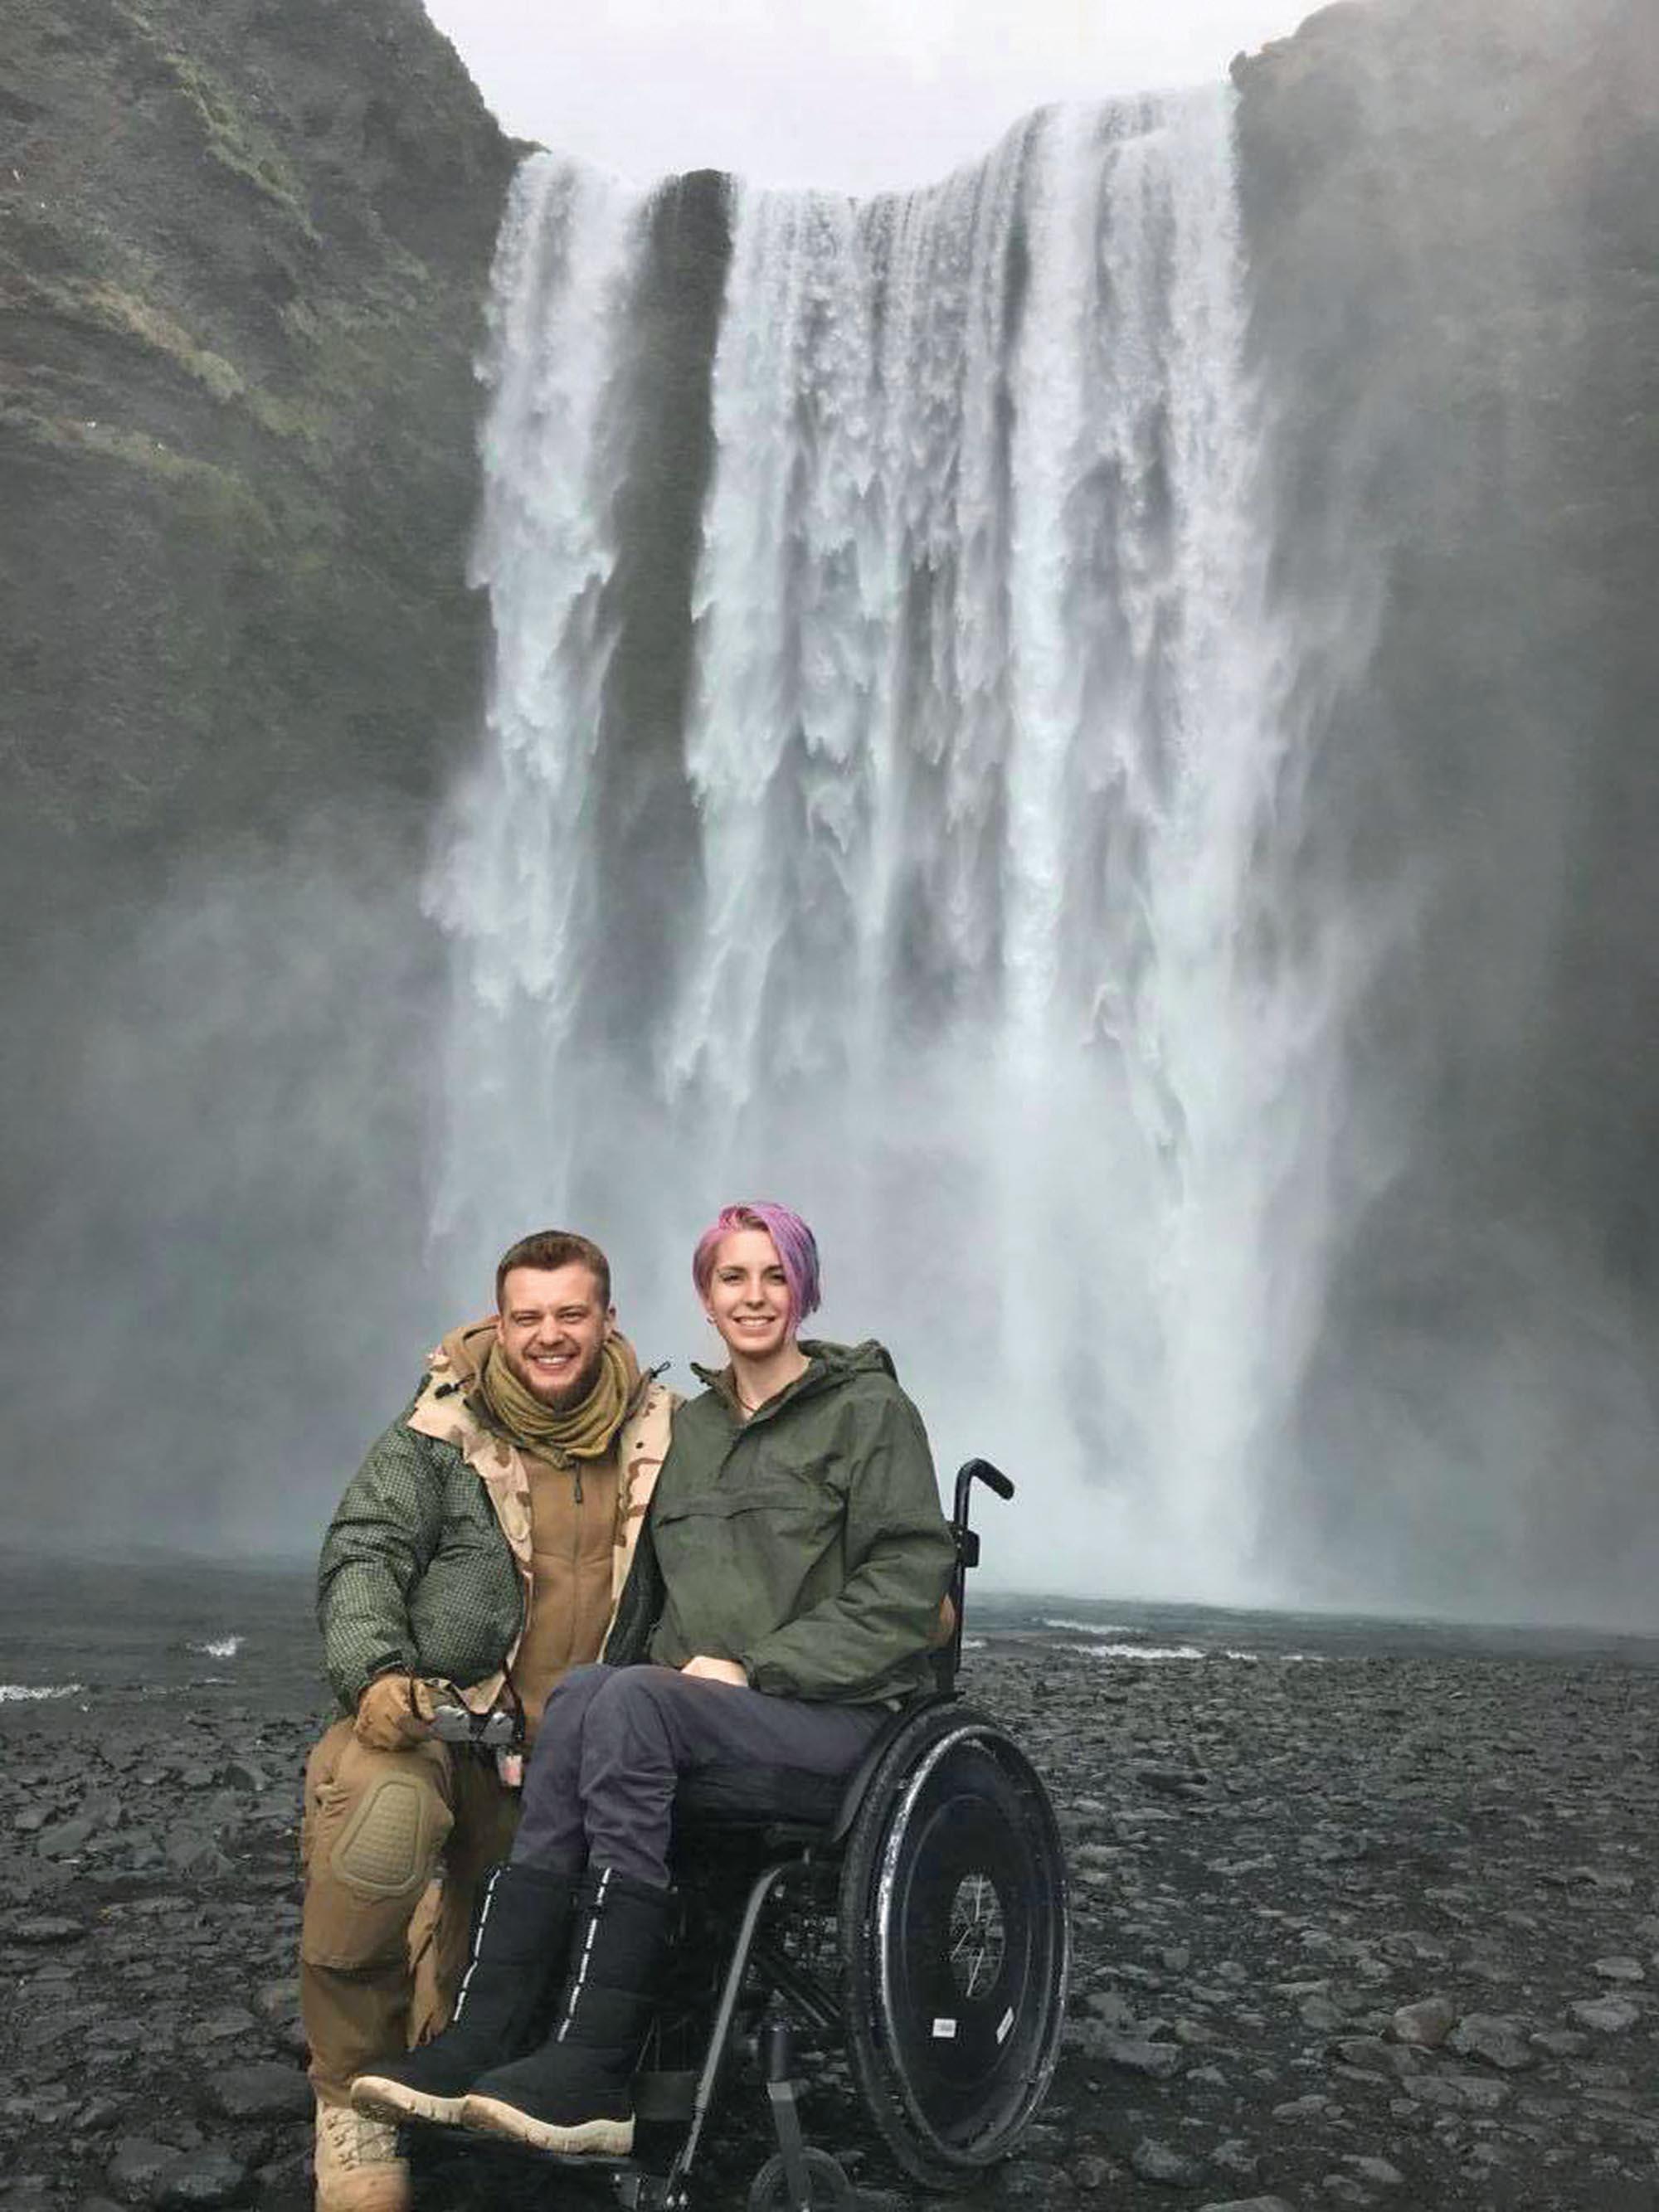 Яна Зінкевич із ветераном Іллею Сапожком на тлі водоспаду Скогафос. Його висота 61 метр. Фото надане Яною Зінкевич